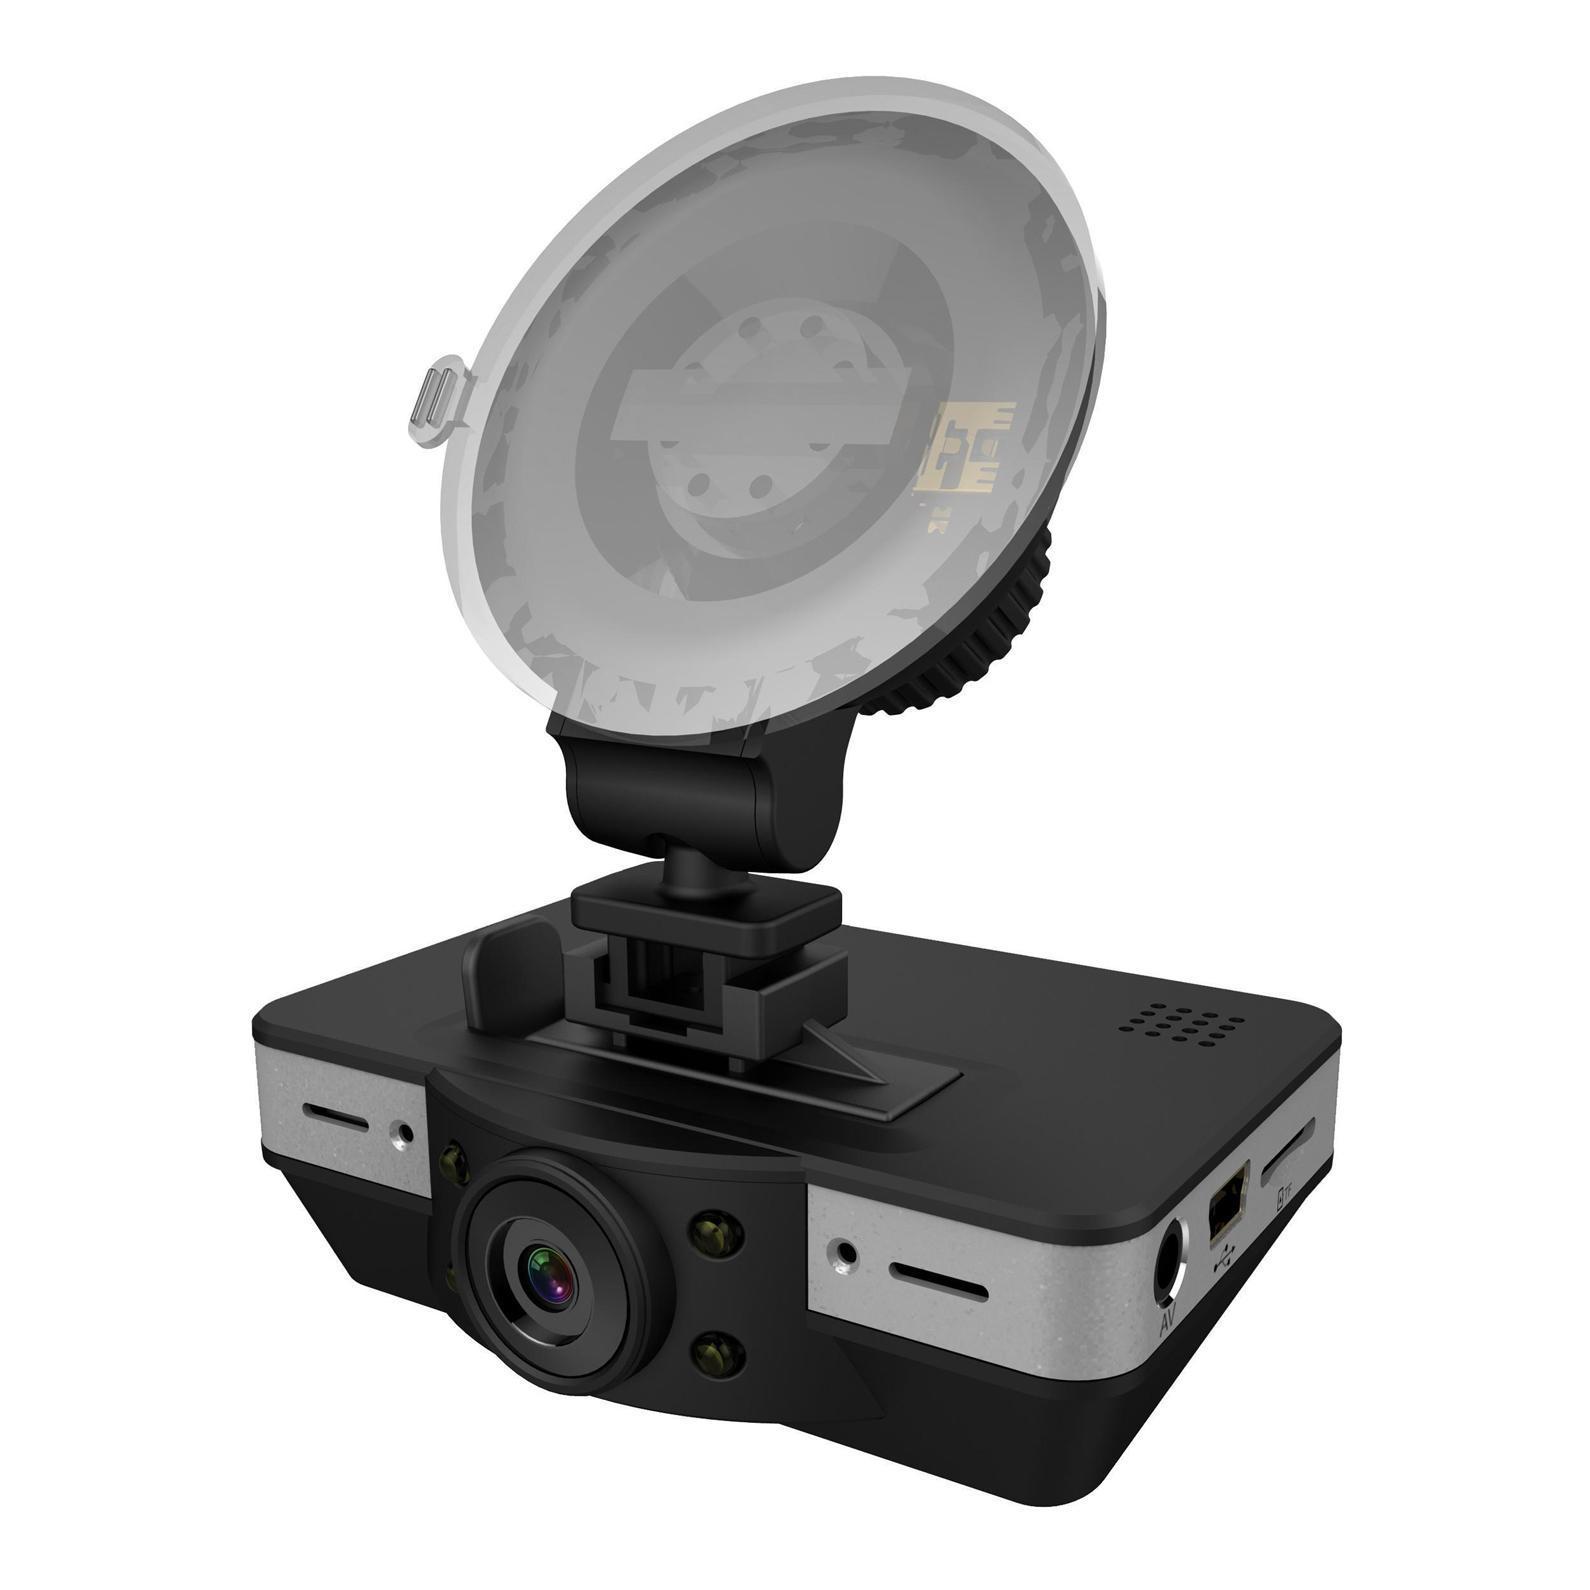 Supra SCR-880 видеорегистратор5529Автомобильный видеорегистратор SUPRA SCR-880 поможет вам сохранить уверенность и спокойствие при разборе любых спорных ситуаций, возникших на дороге. Высококачественная 5 Мп камера с отличным разрешением 1920х1080 пикселей позволит детально изучить полученную видеозапись и без проблем рассмотреть лица свидетелей и номера машин. Просмотреть отснятый материал можно прямо в салоне автомобиля на встроенном 2.7-дюймовом дисплее. Благодаря встроенной ИК-подсветке вам обеспеченна качественная видеозапись даже в темное время суток.